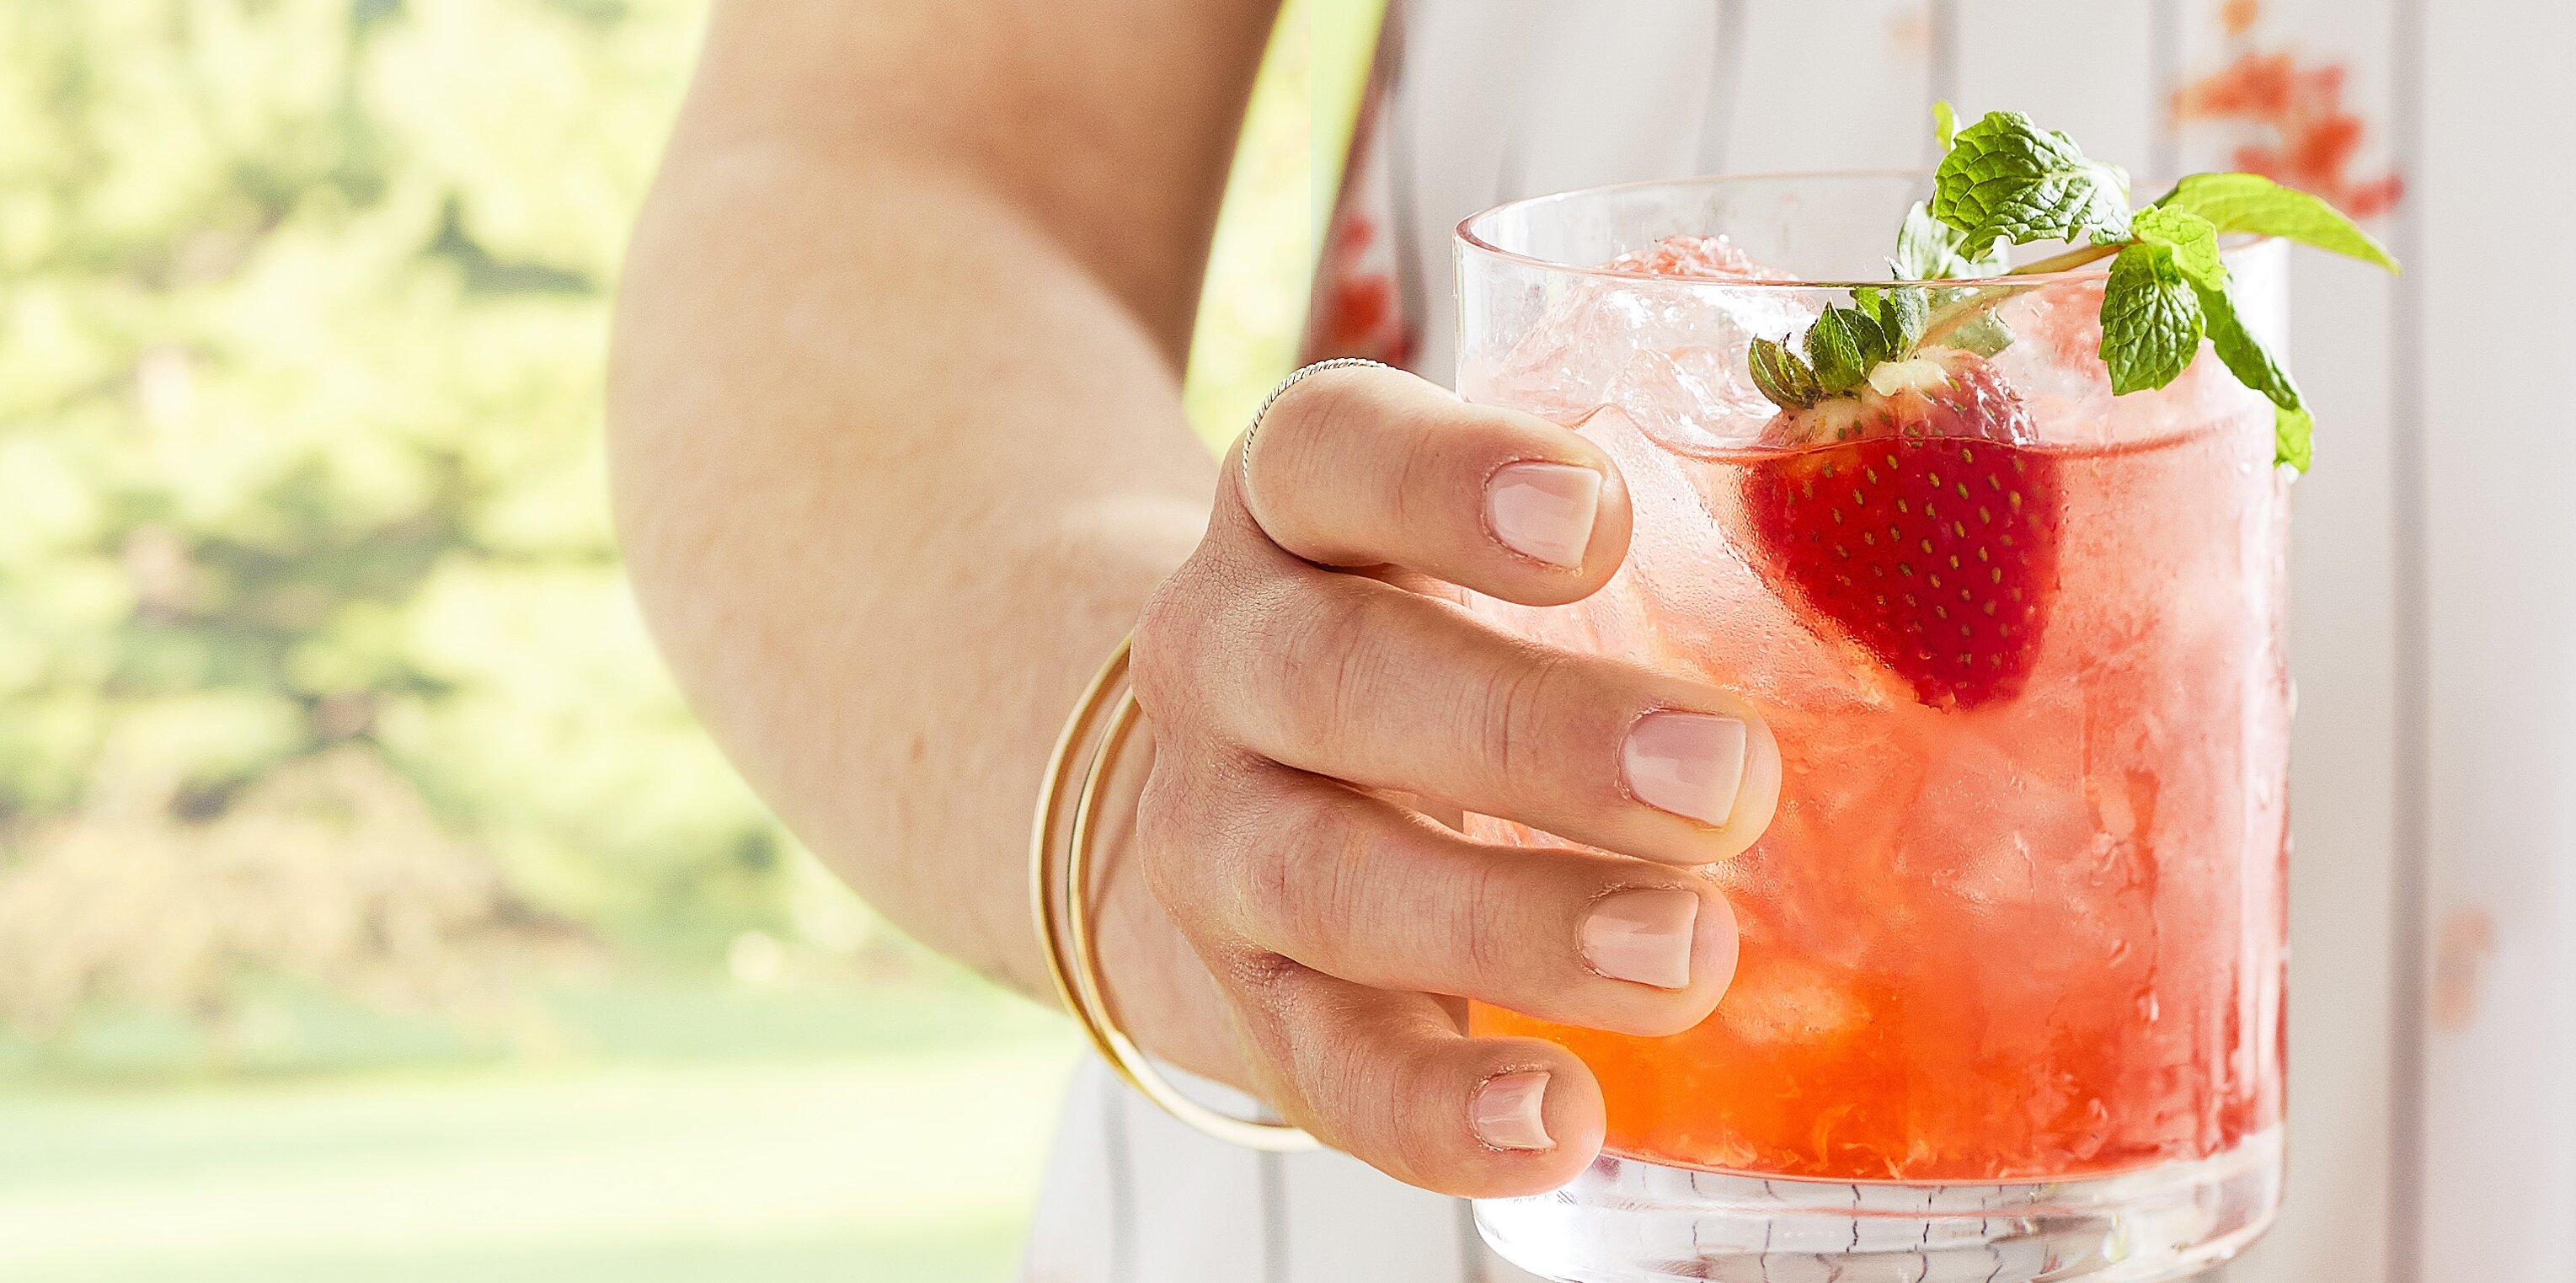 summertime strawberry mojito recipe